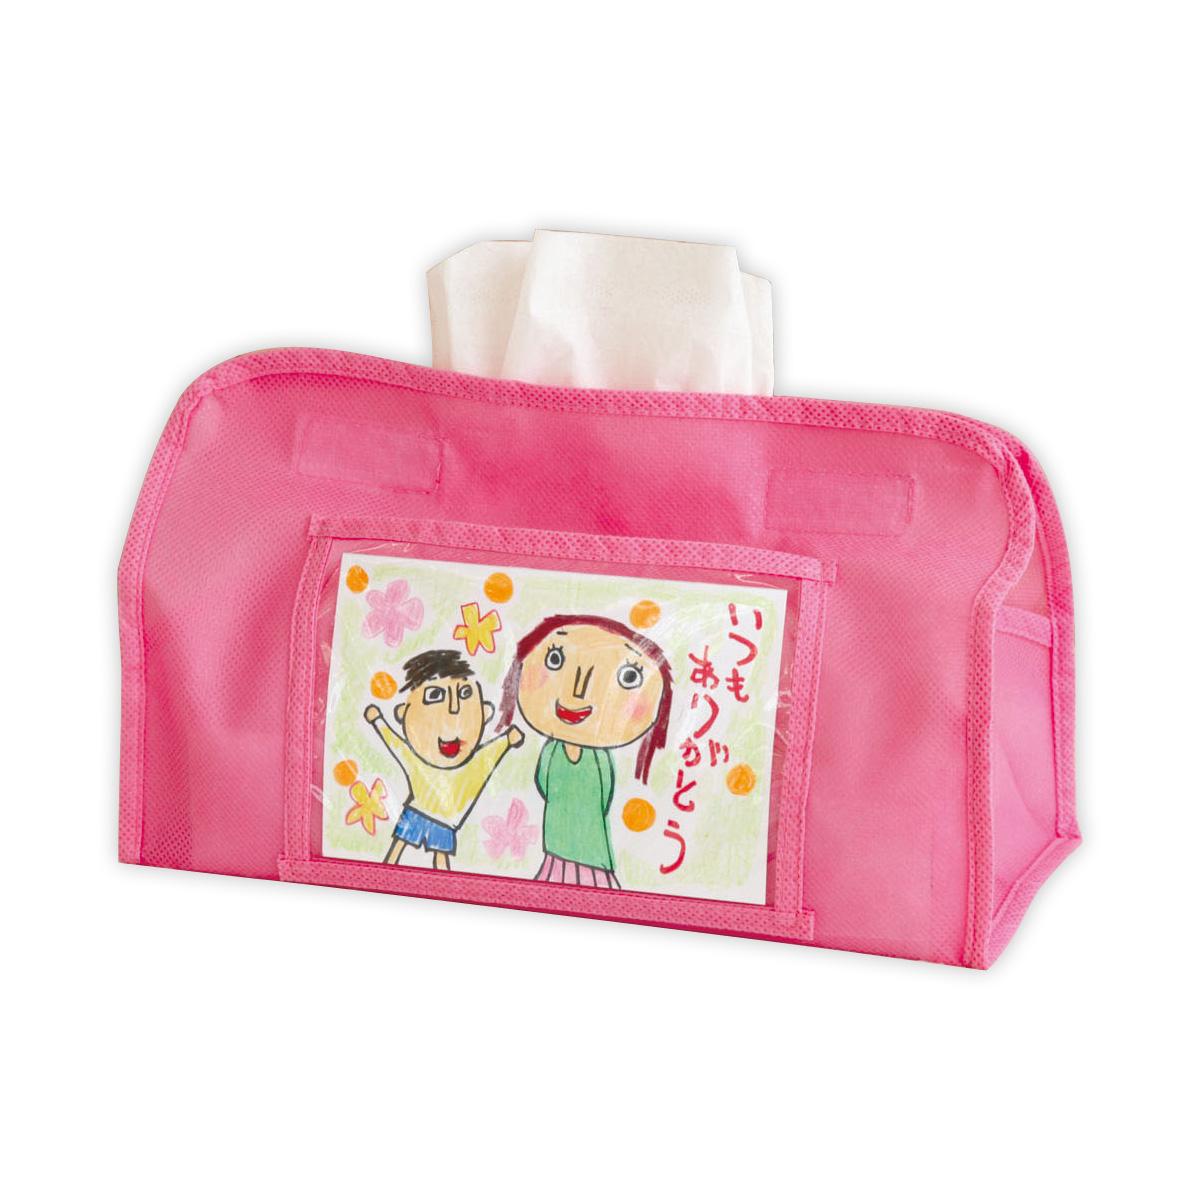 プレゼント ティッシュカバー ピンク 不織布 ティッシュボックス ティッシュケース ティッシュ入れ クリスマスプレゼント